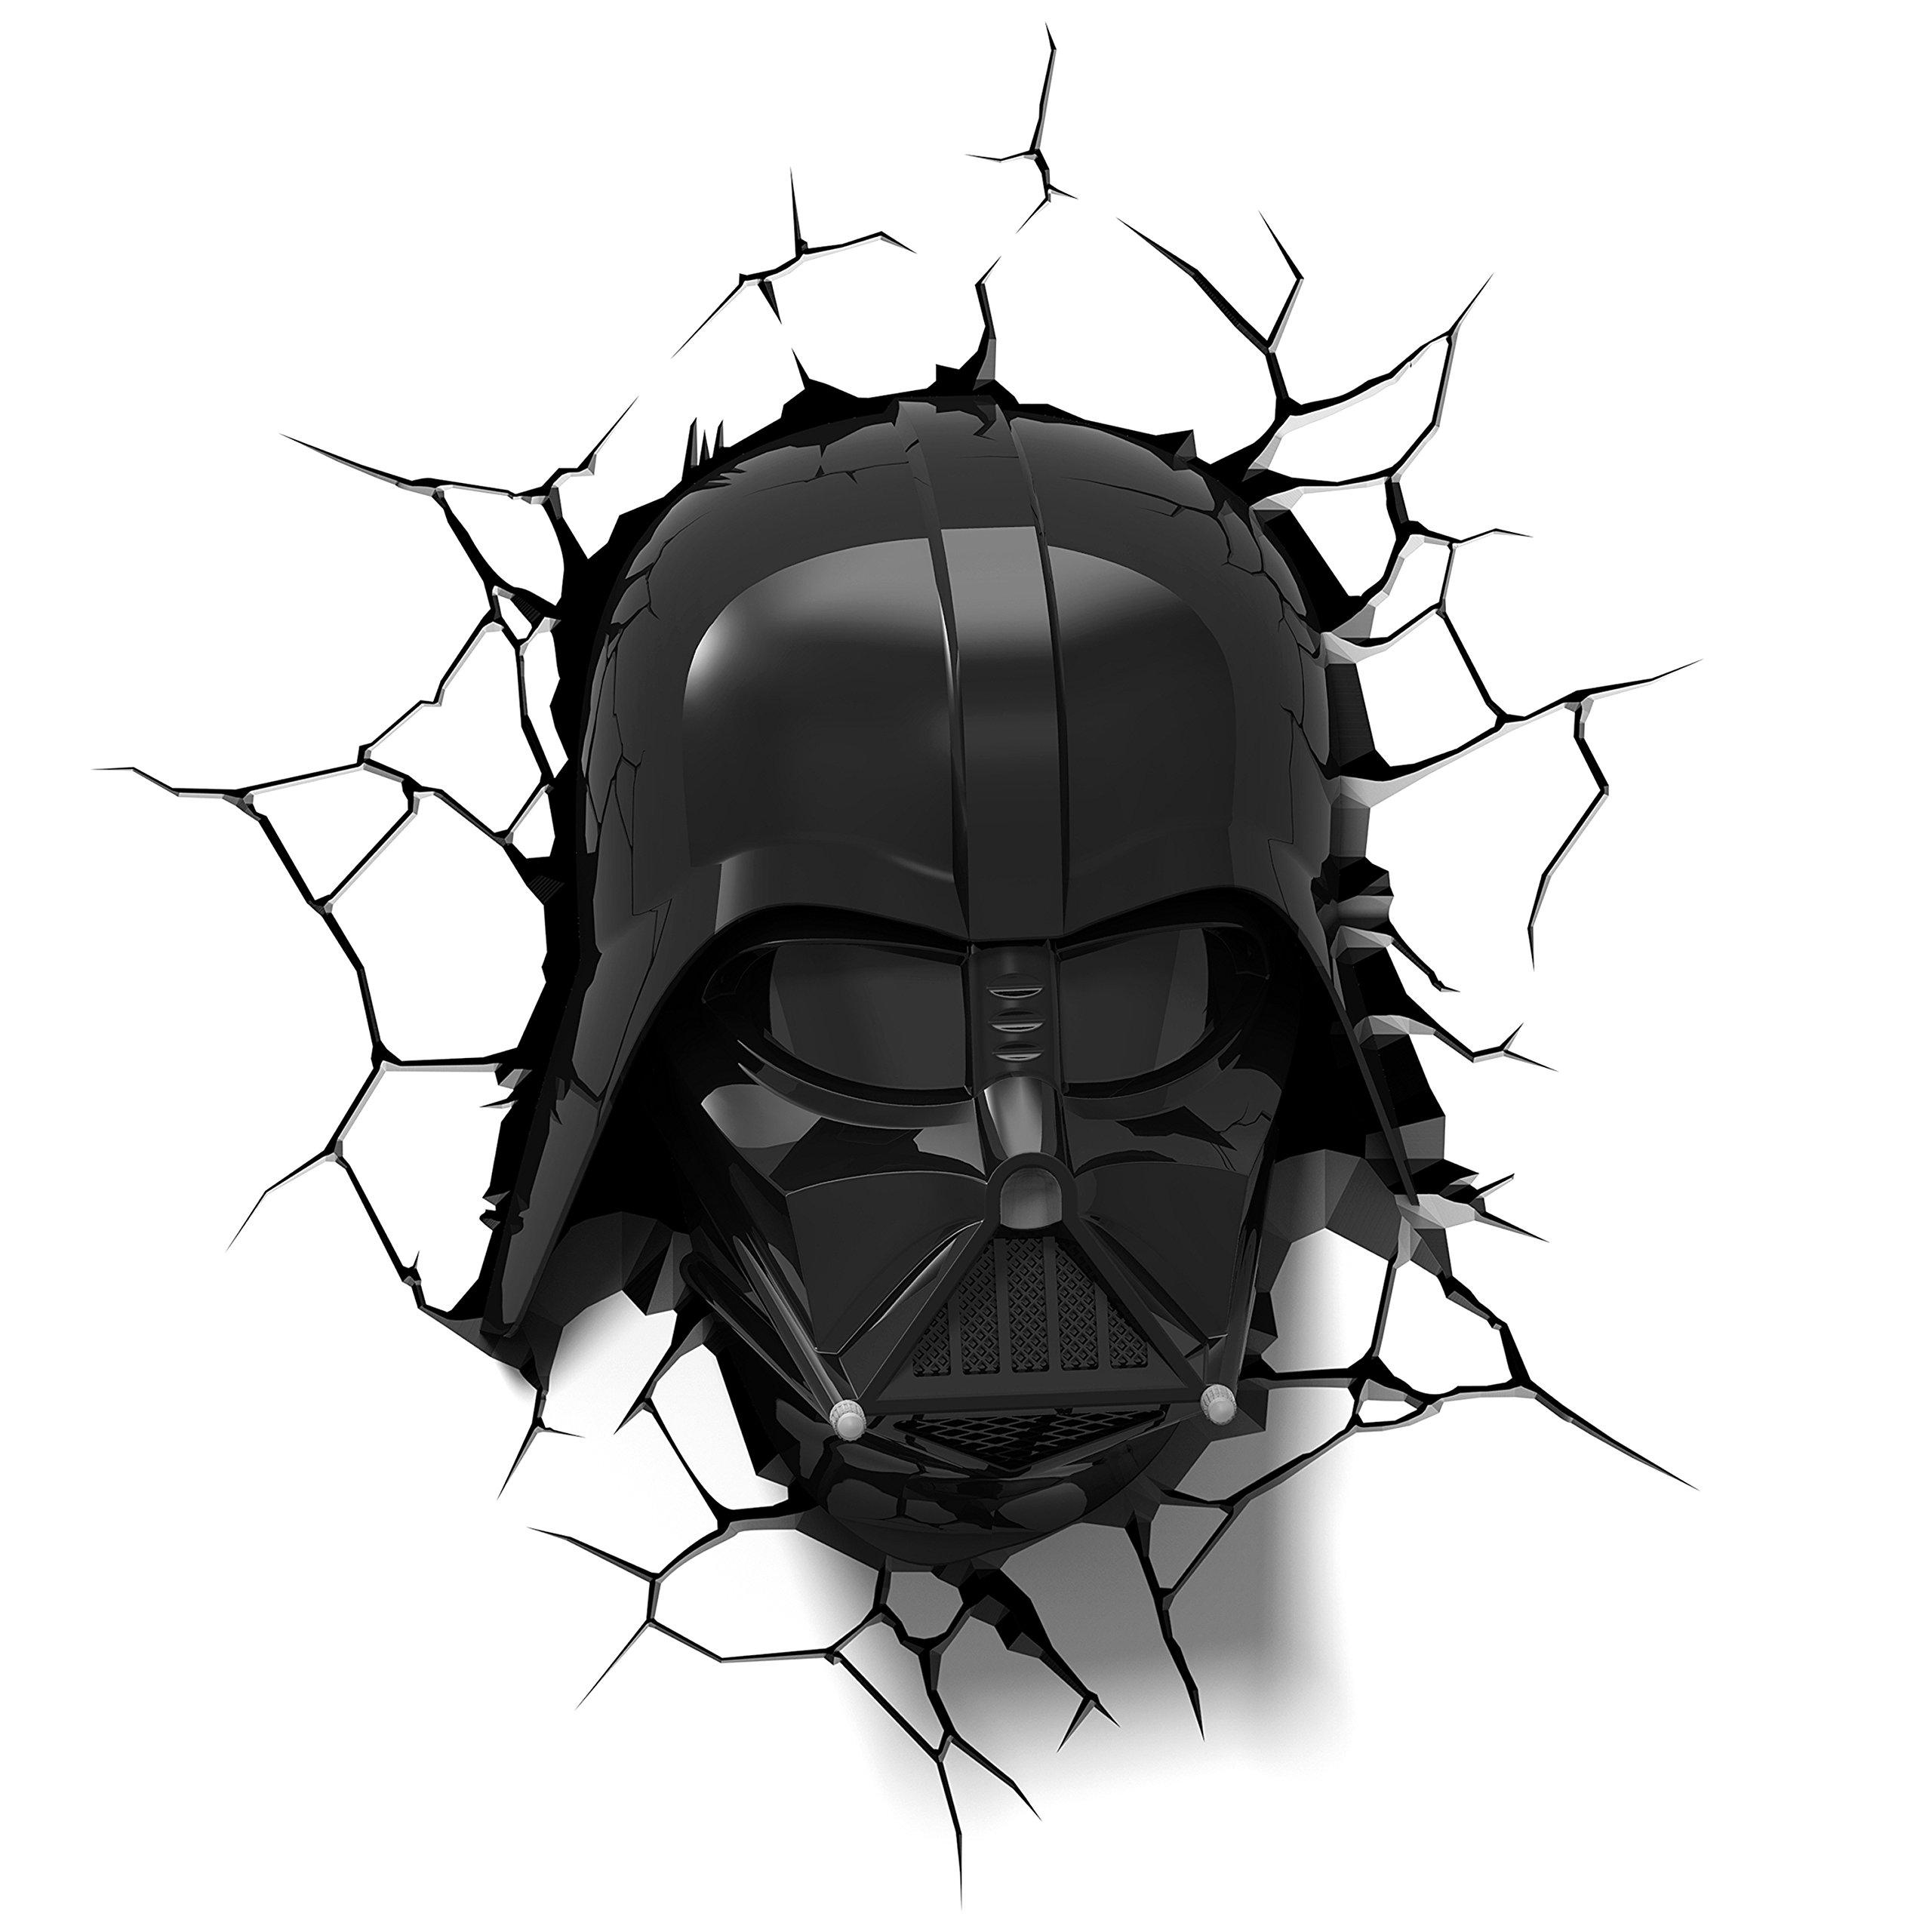 3DLightFX Star Wars Darth Vader Helmet 3D Deco Light